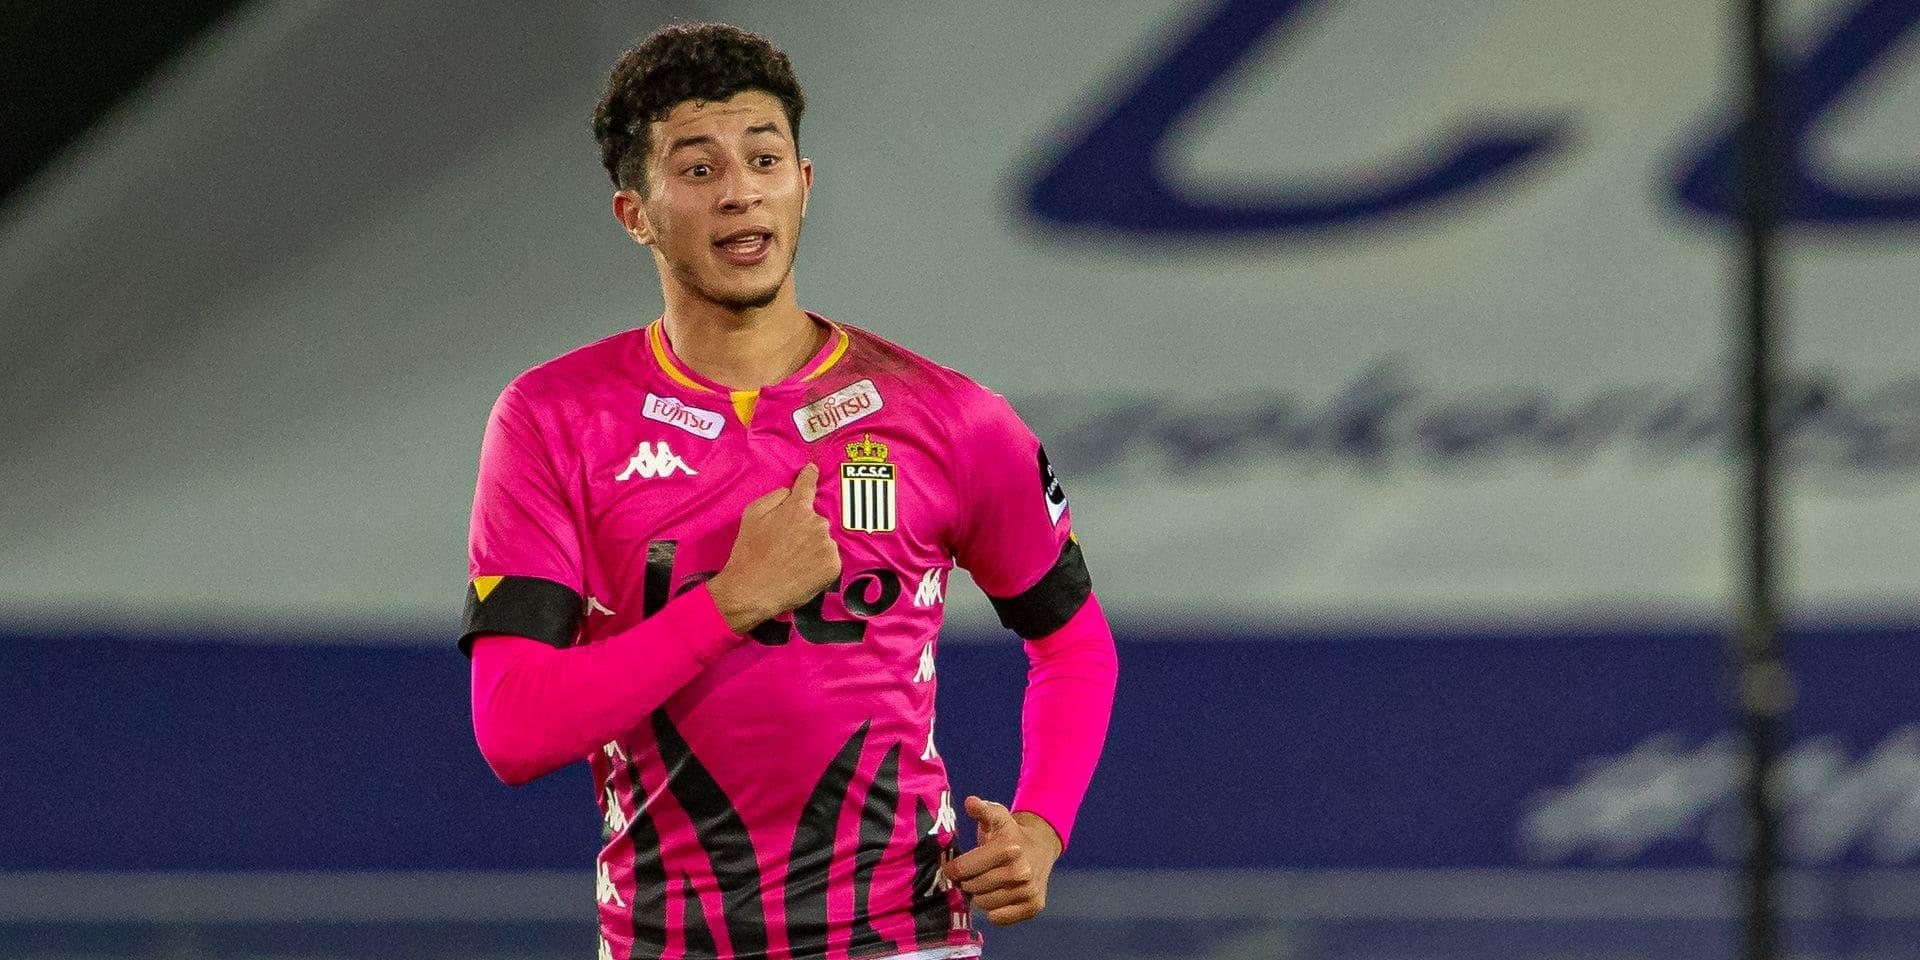 """Le Zèbre Amine Benchaib monte dans la hiérarchie à Charleroi: """"Il faut être prêt quand sa chance arrive"""""""